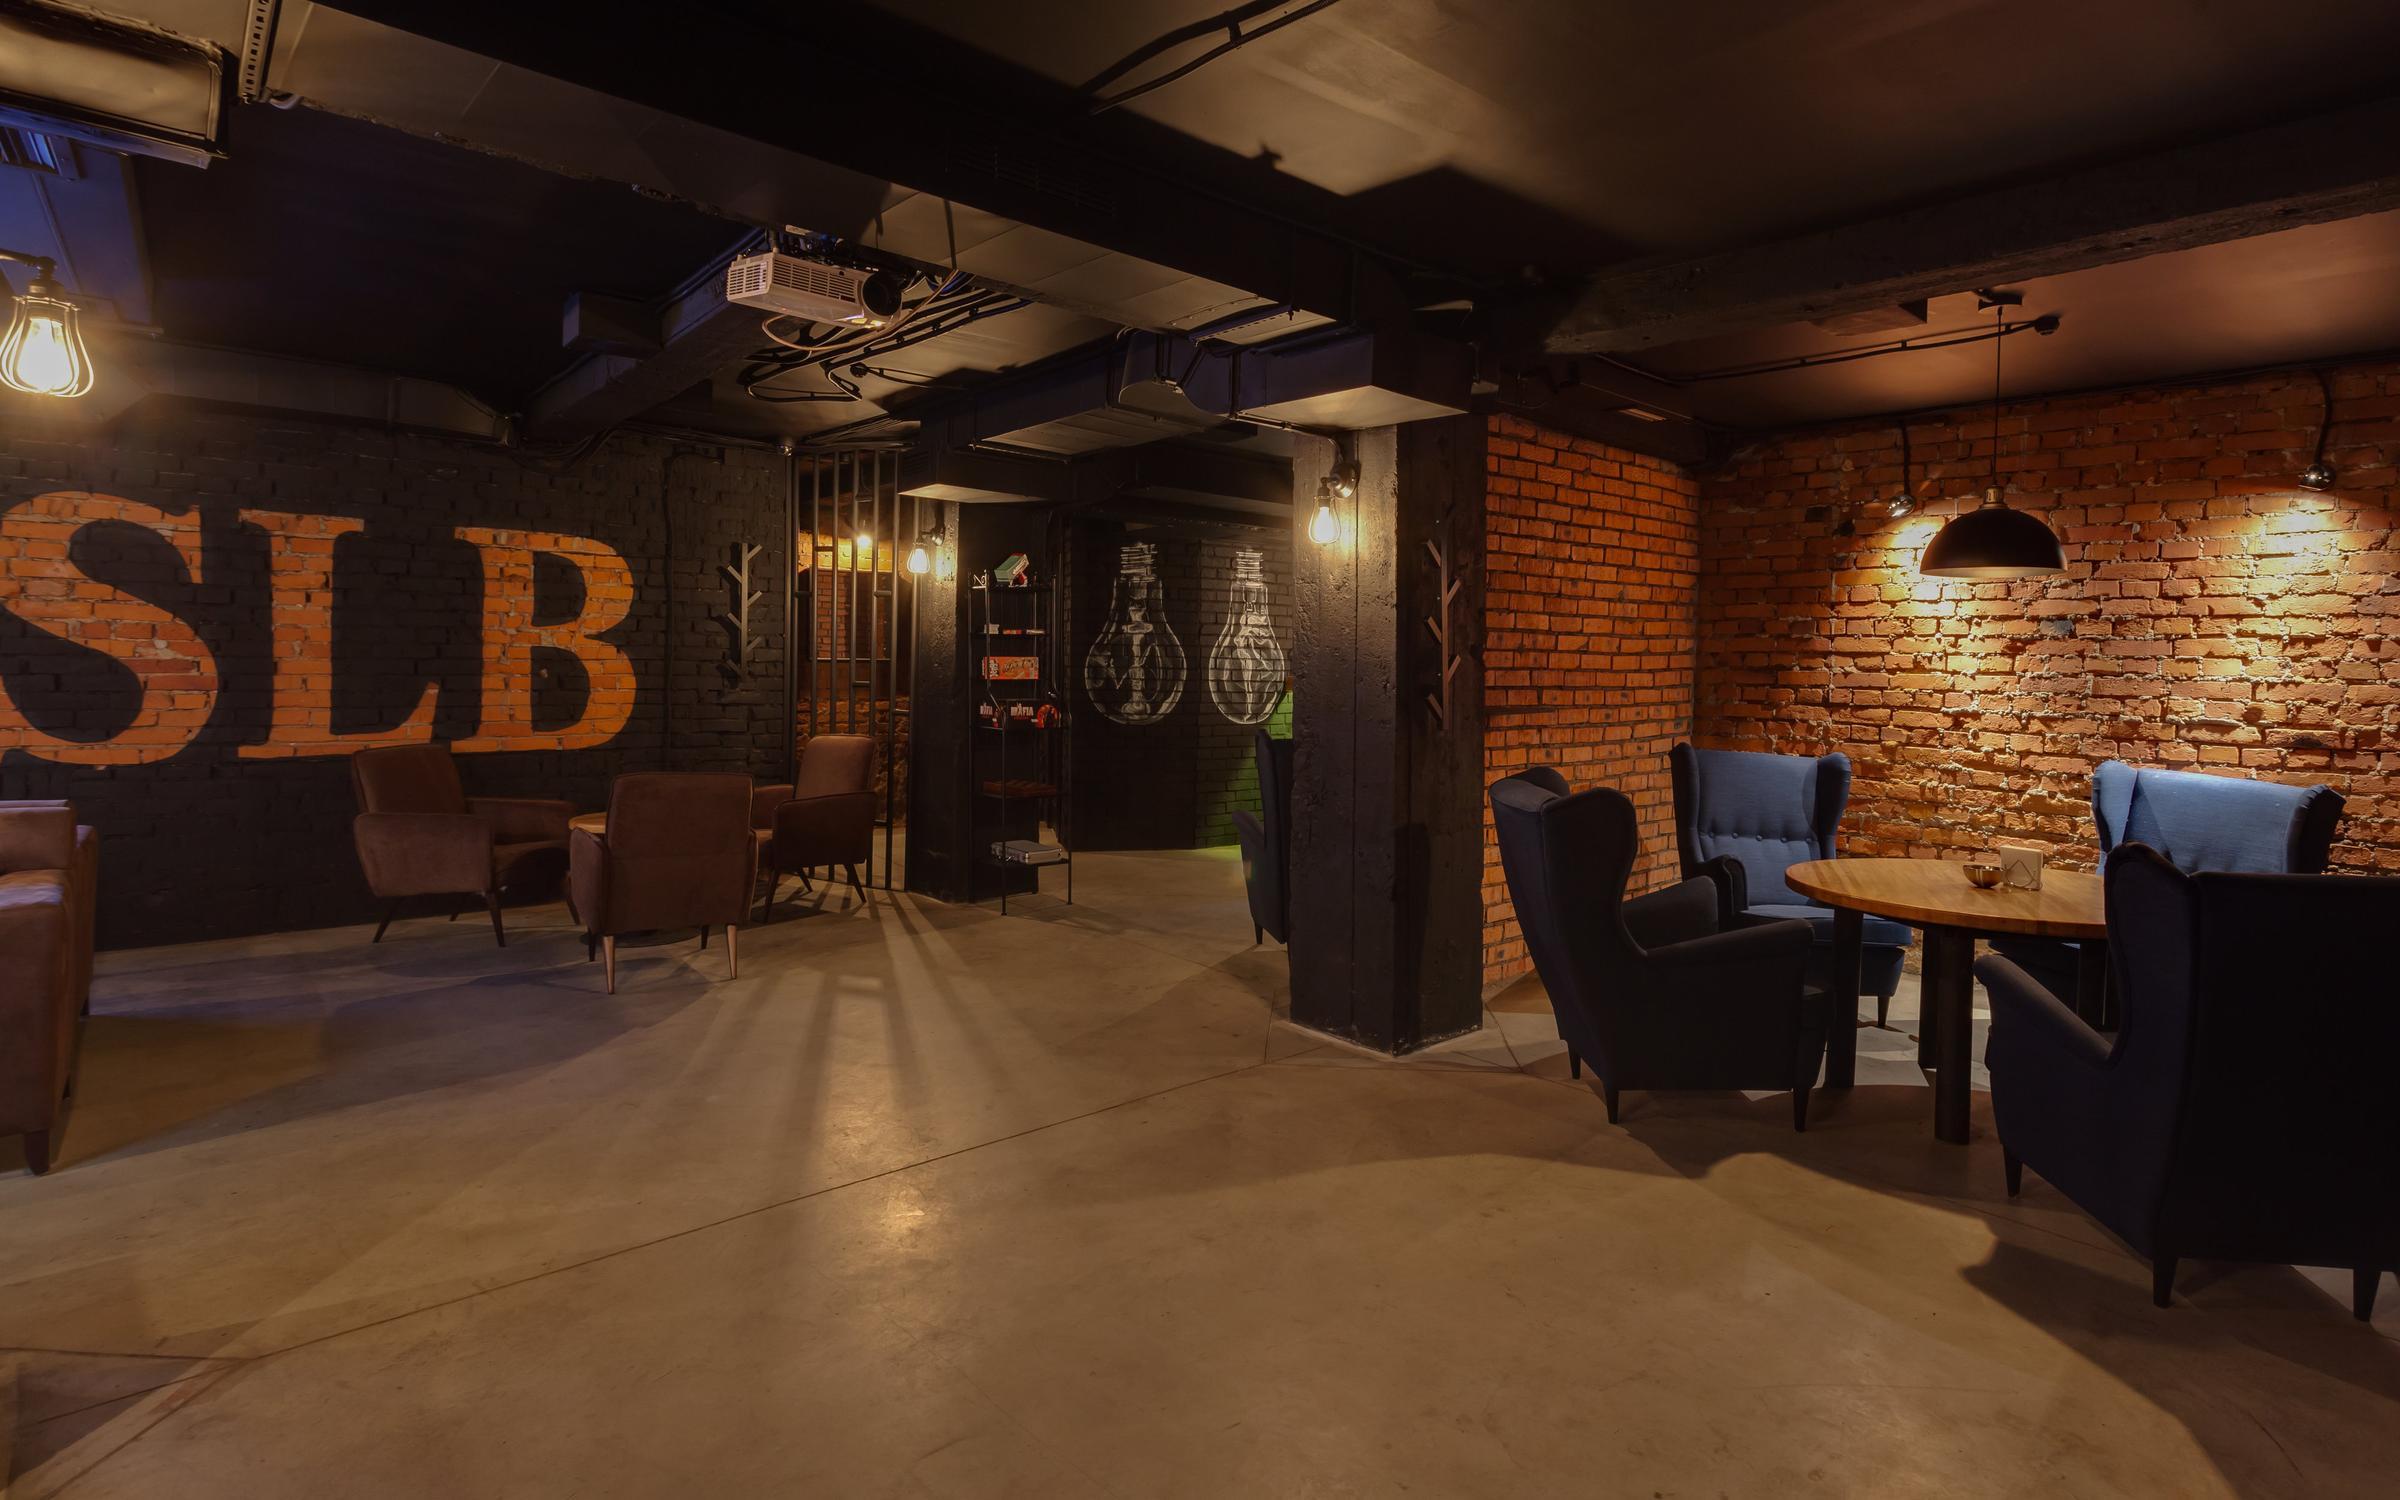 фотография Кальянной Steam Lounge Bar на Рочдельской улице